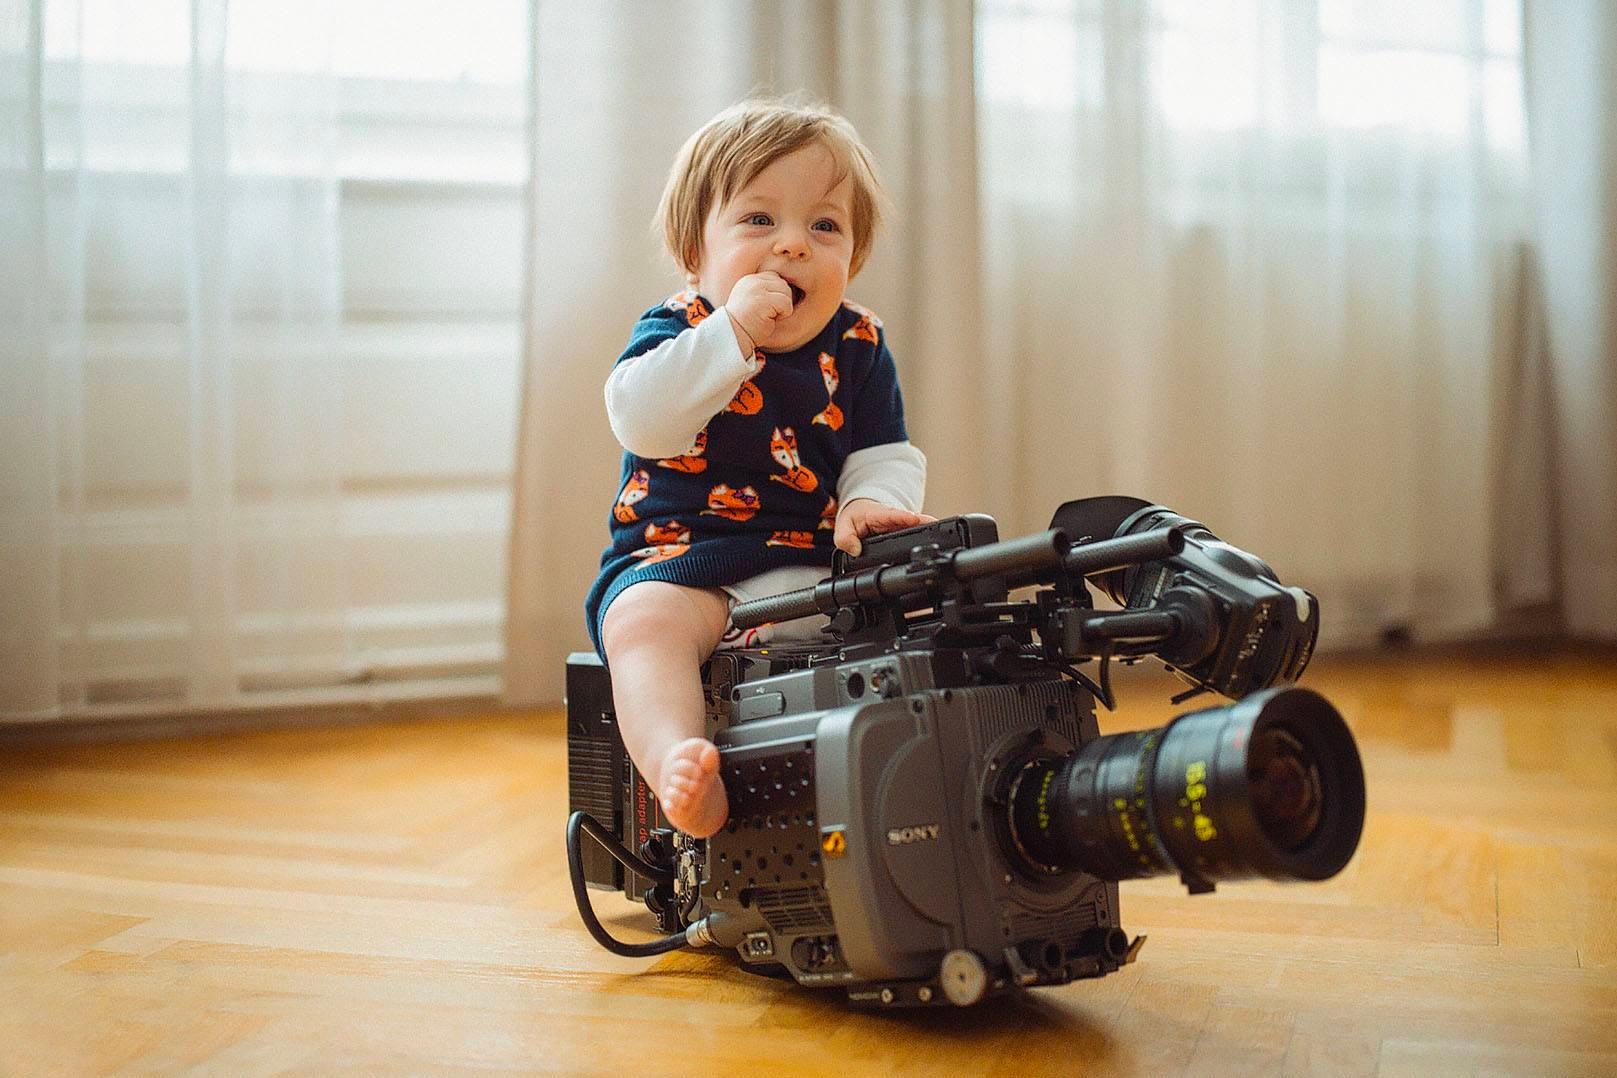 """""""Compré una cámara costosa, ahora soy director de fotografía"""" - ¿puedes conseguir trabajo por tener una cámara costosa?"""